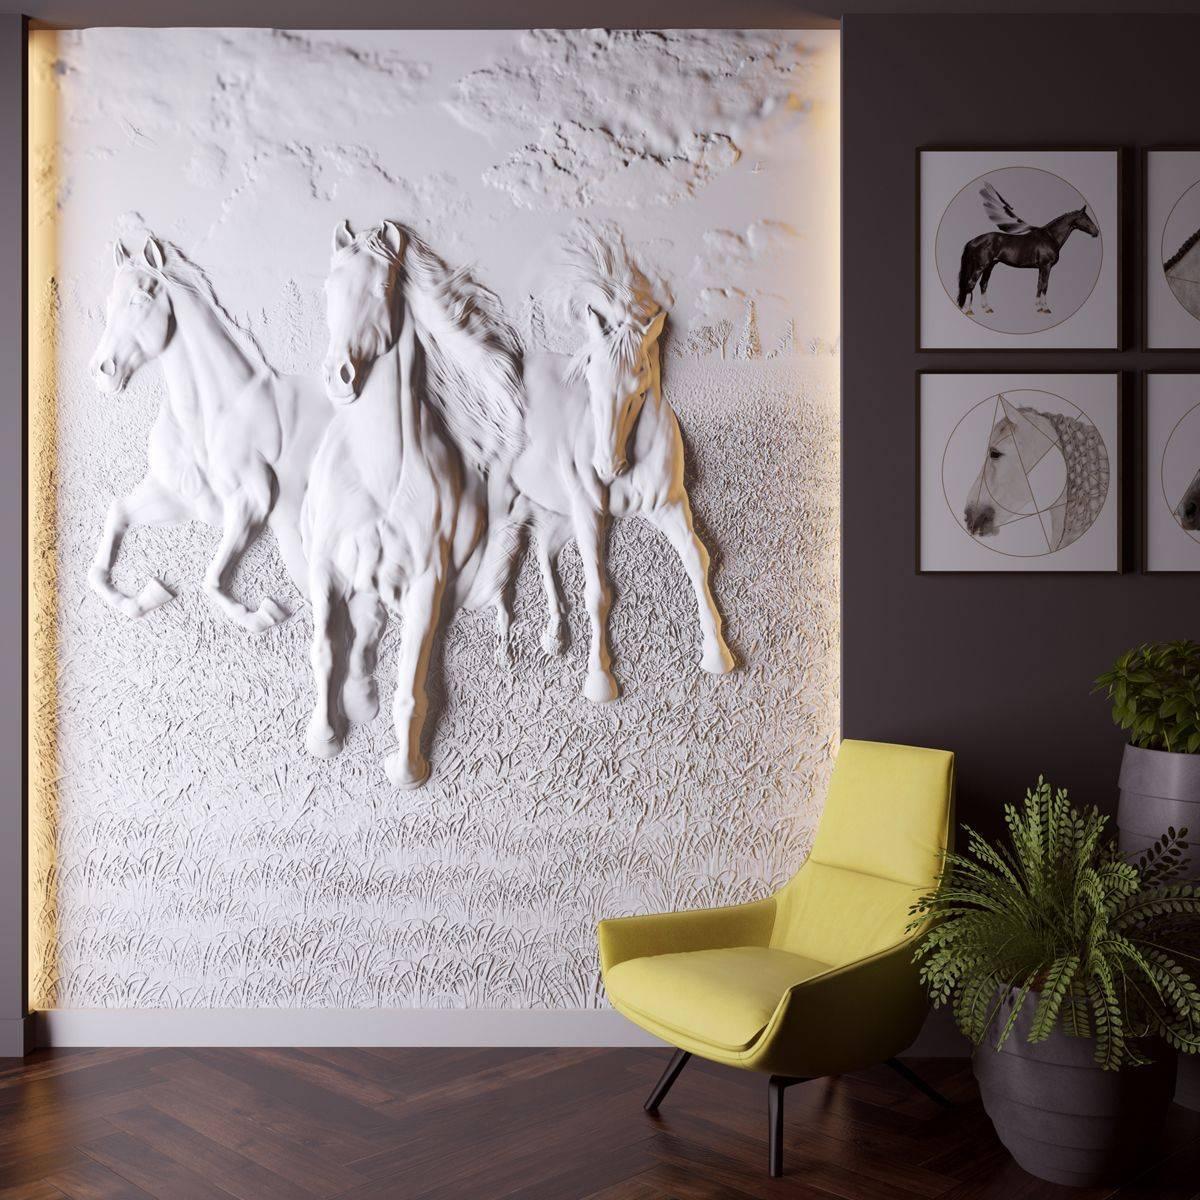 Восточный стиль в интерьере, оформление комнаты и мебели в восточном стиле, дизайн дивана